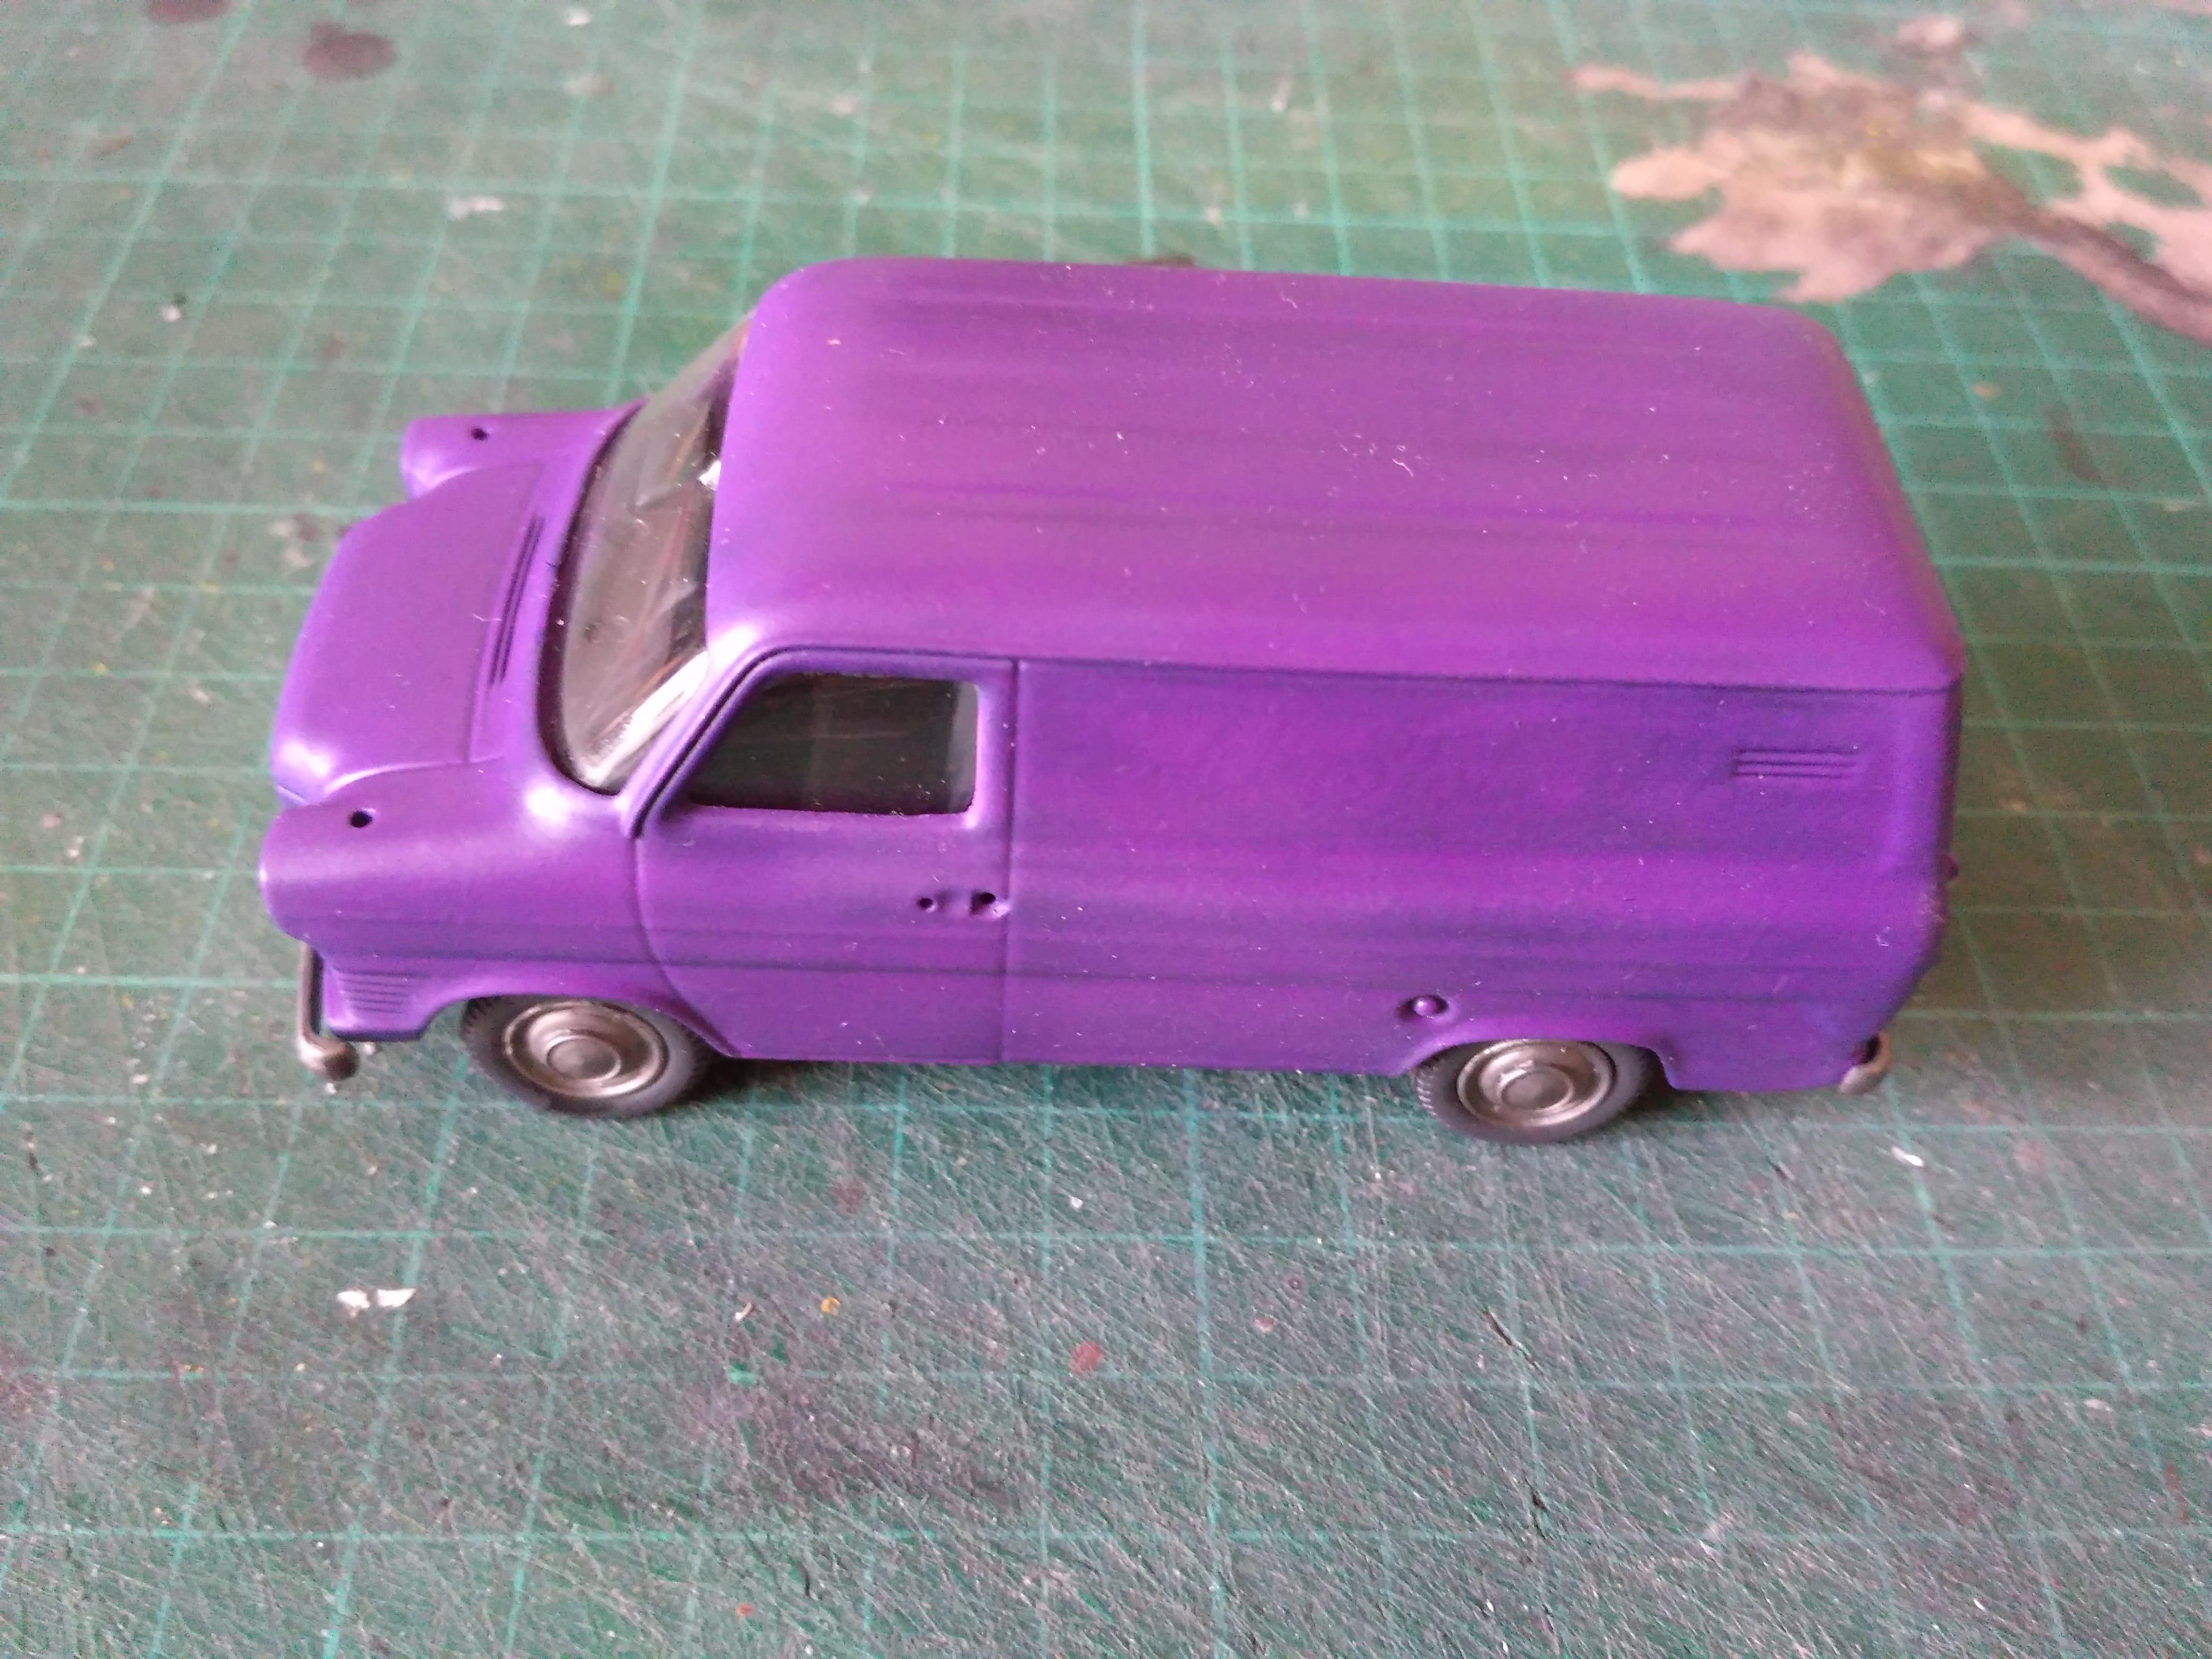 vehicule_map_bank_05.jpg